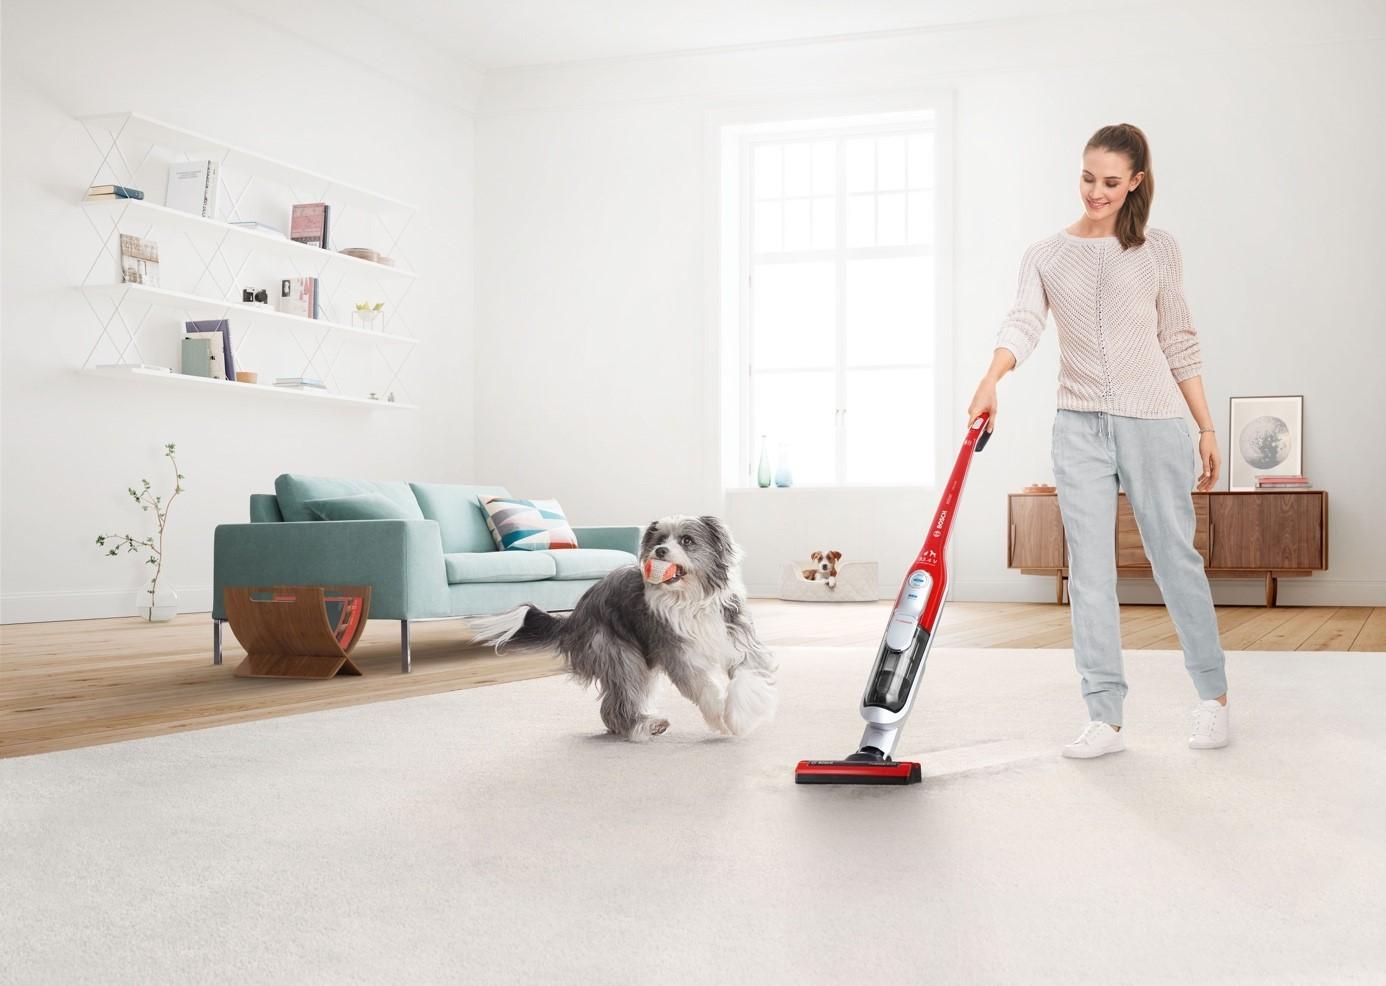 Выбор ручного пылесоса для дома: выбираем по параметрам и производителям, популярные модели беспроводных пылесосов по отзывам покупателей, важные моменты, полезные советы и рекомендации